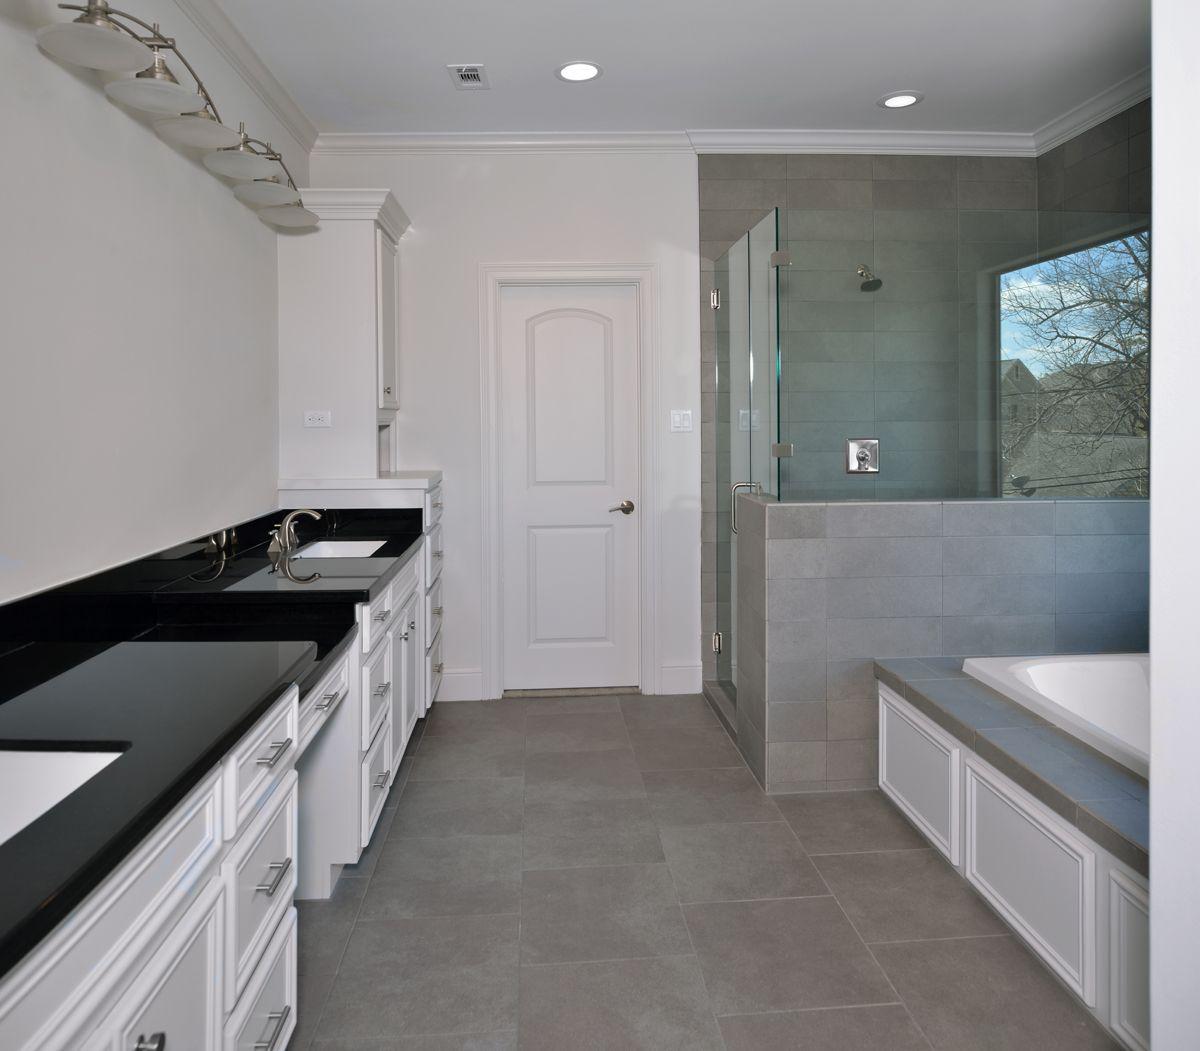 Bathroom designed by wendt design group llc www wendtdesign com interiordesign